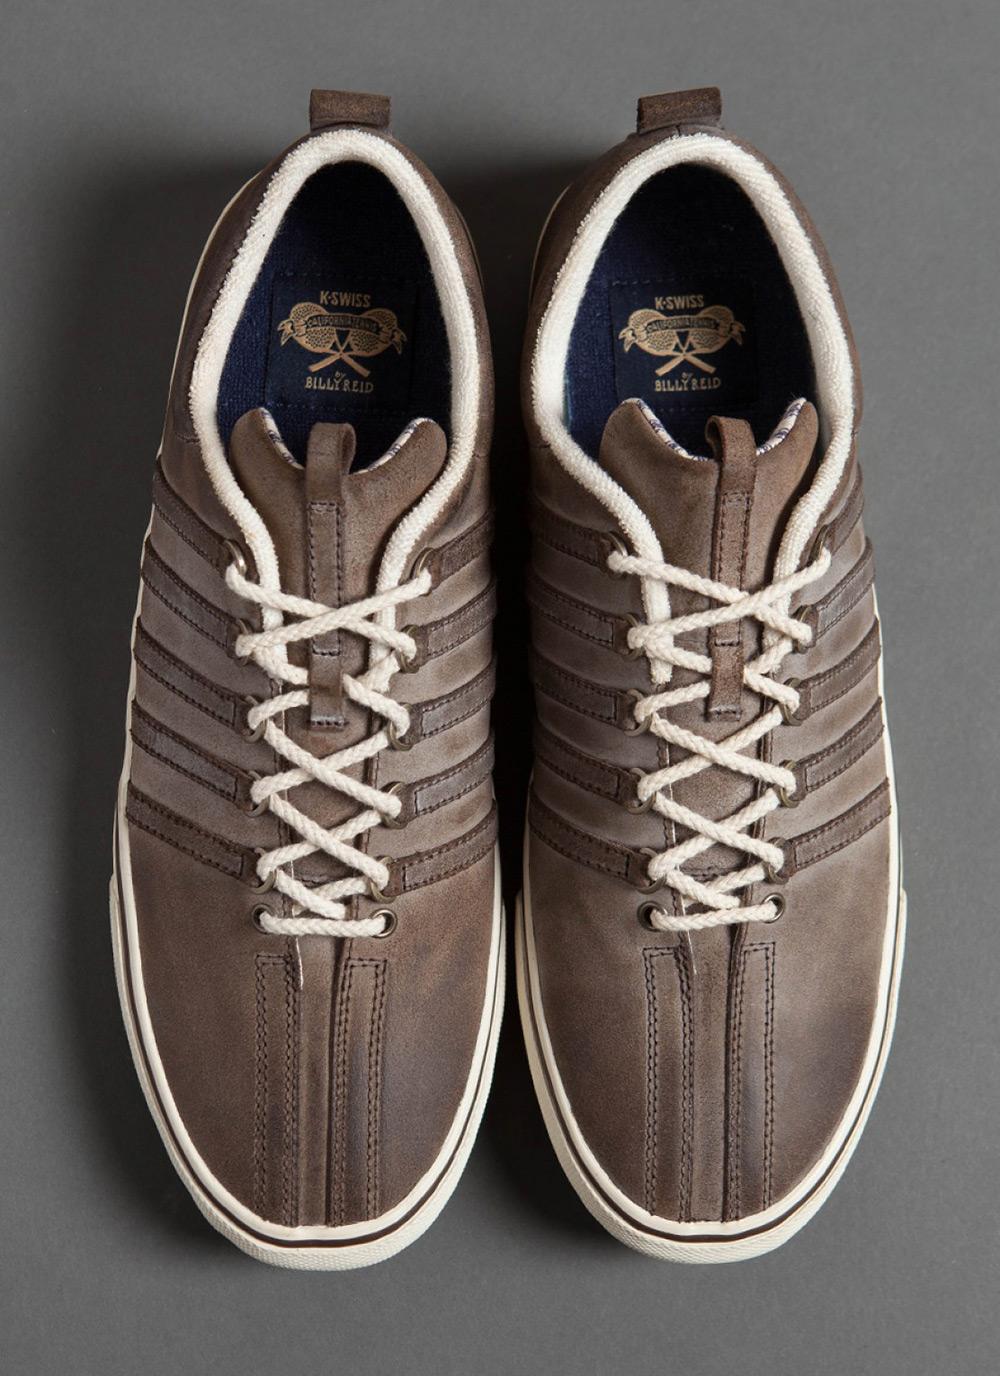 k-swiss-billy-reid-shoes-02